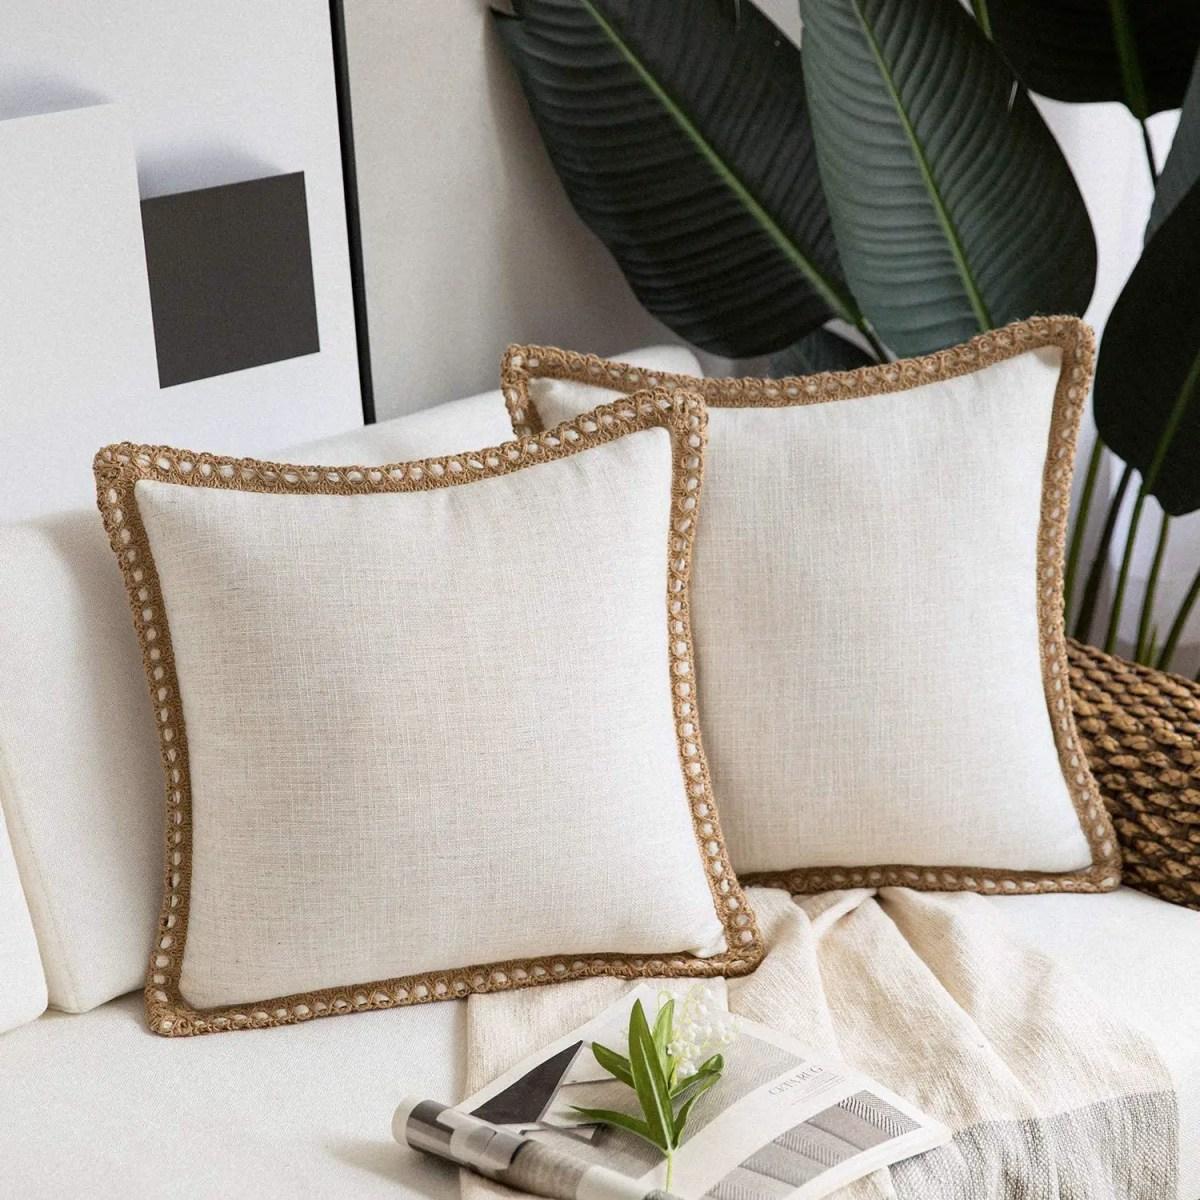 Burlap-Trimmed-Farmhouse-Pillow-Covers